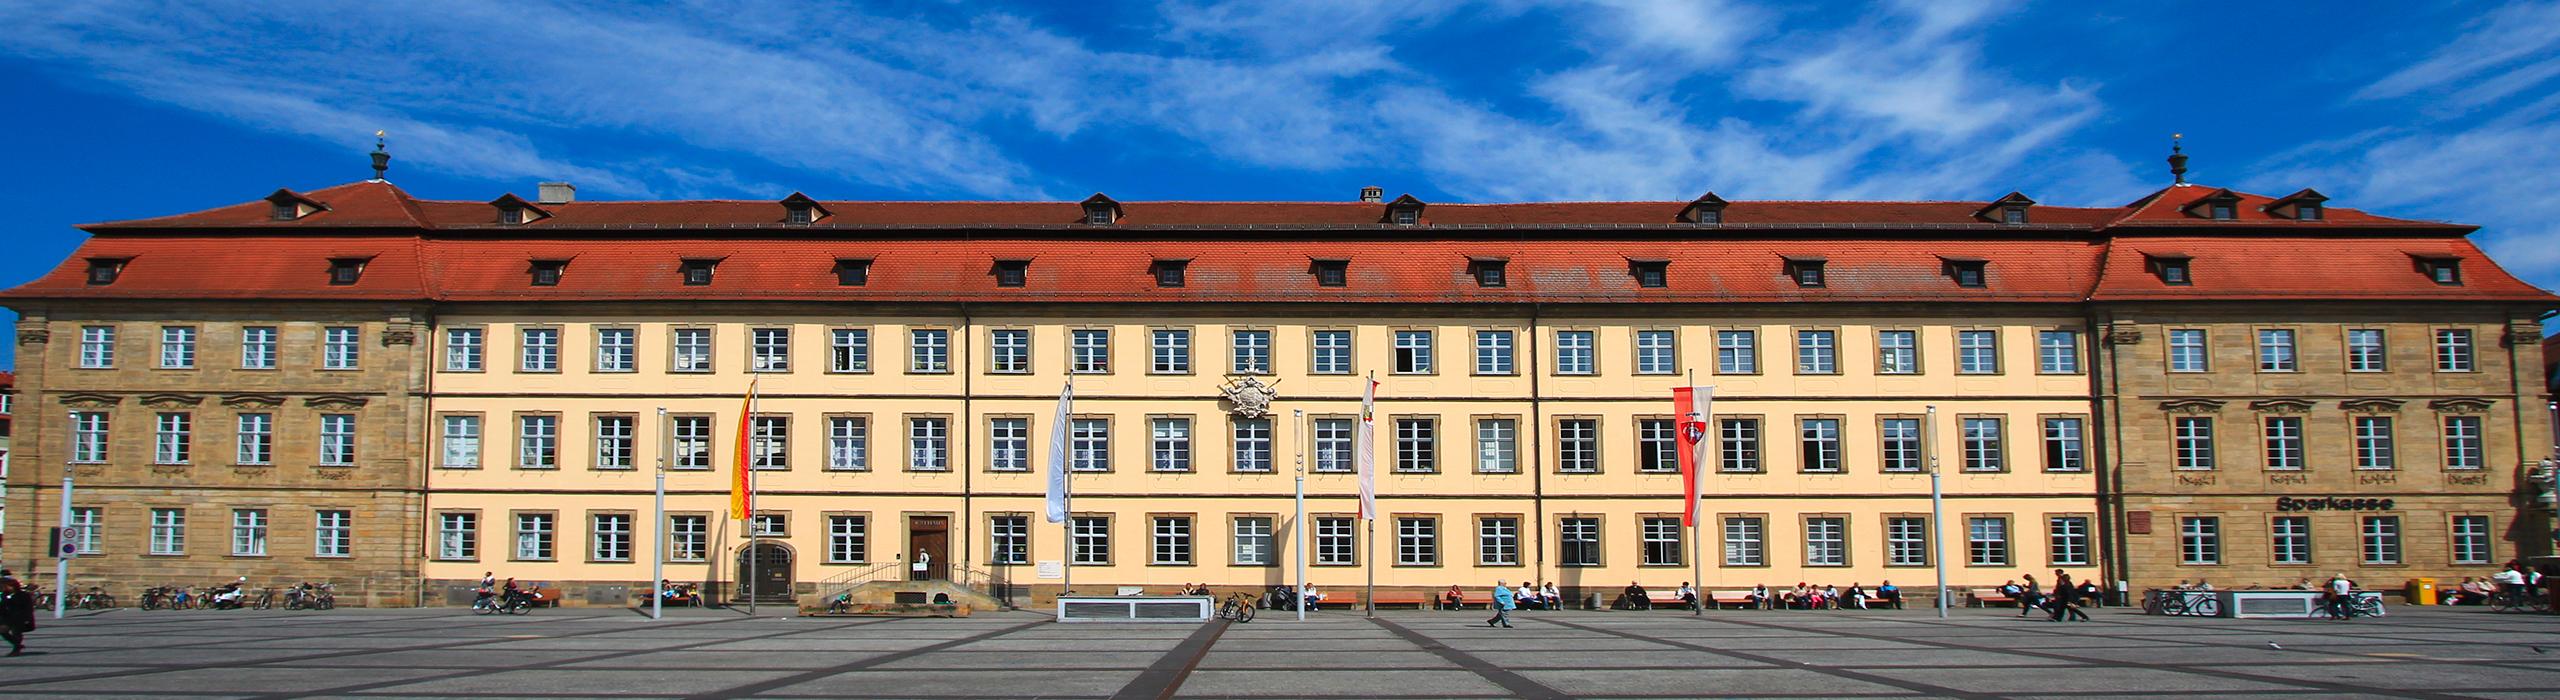 Maxplatz Bamberg